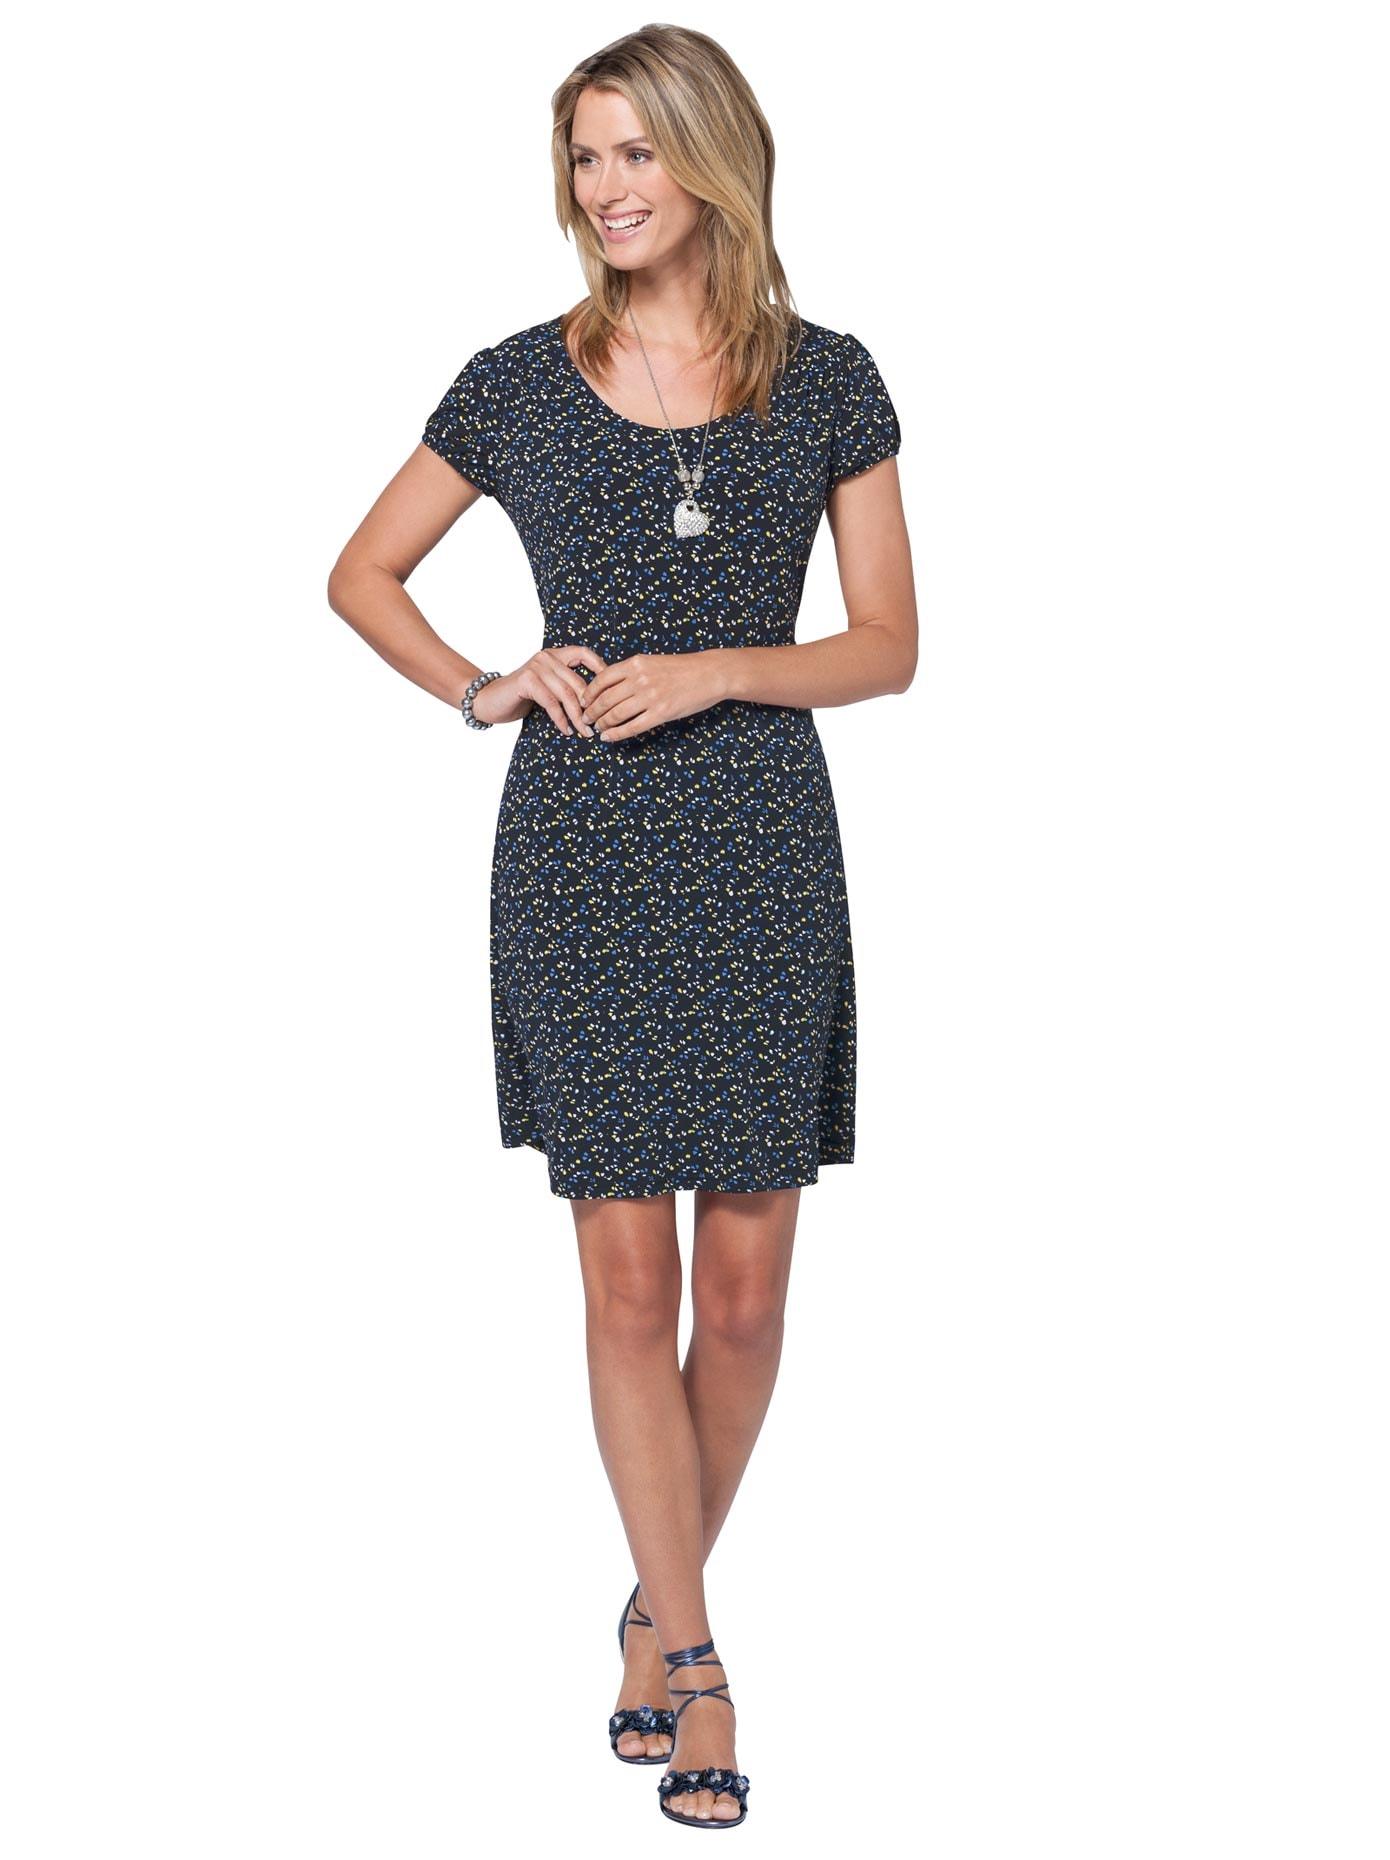 Ambria Jersey-Kleid im leicht ausgestelltem bequemen Schnitt